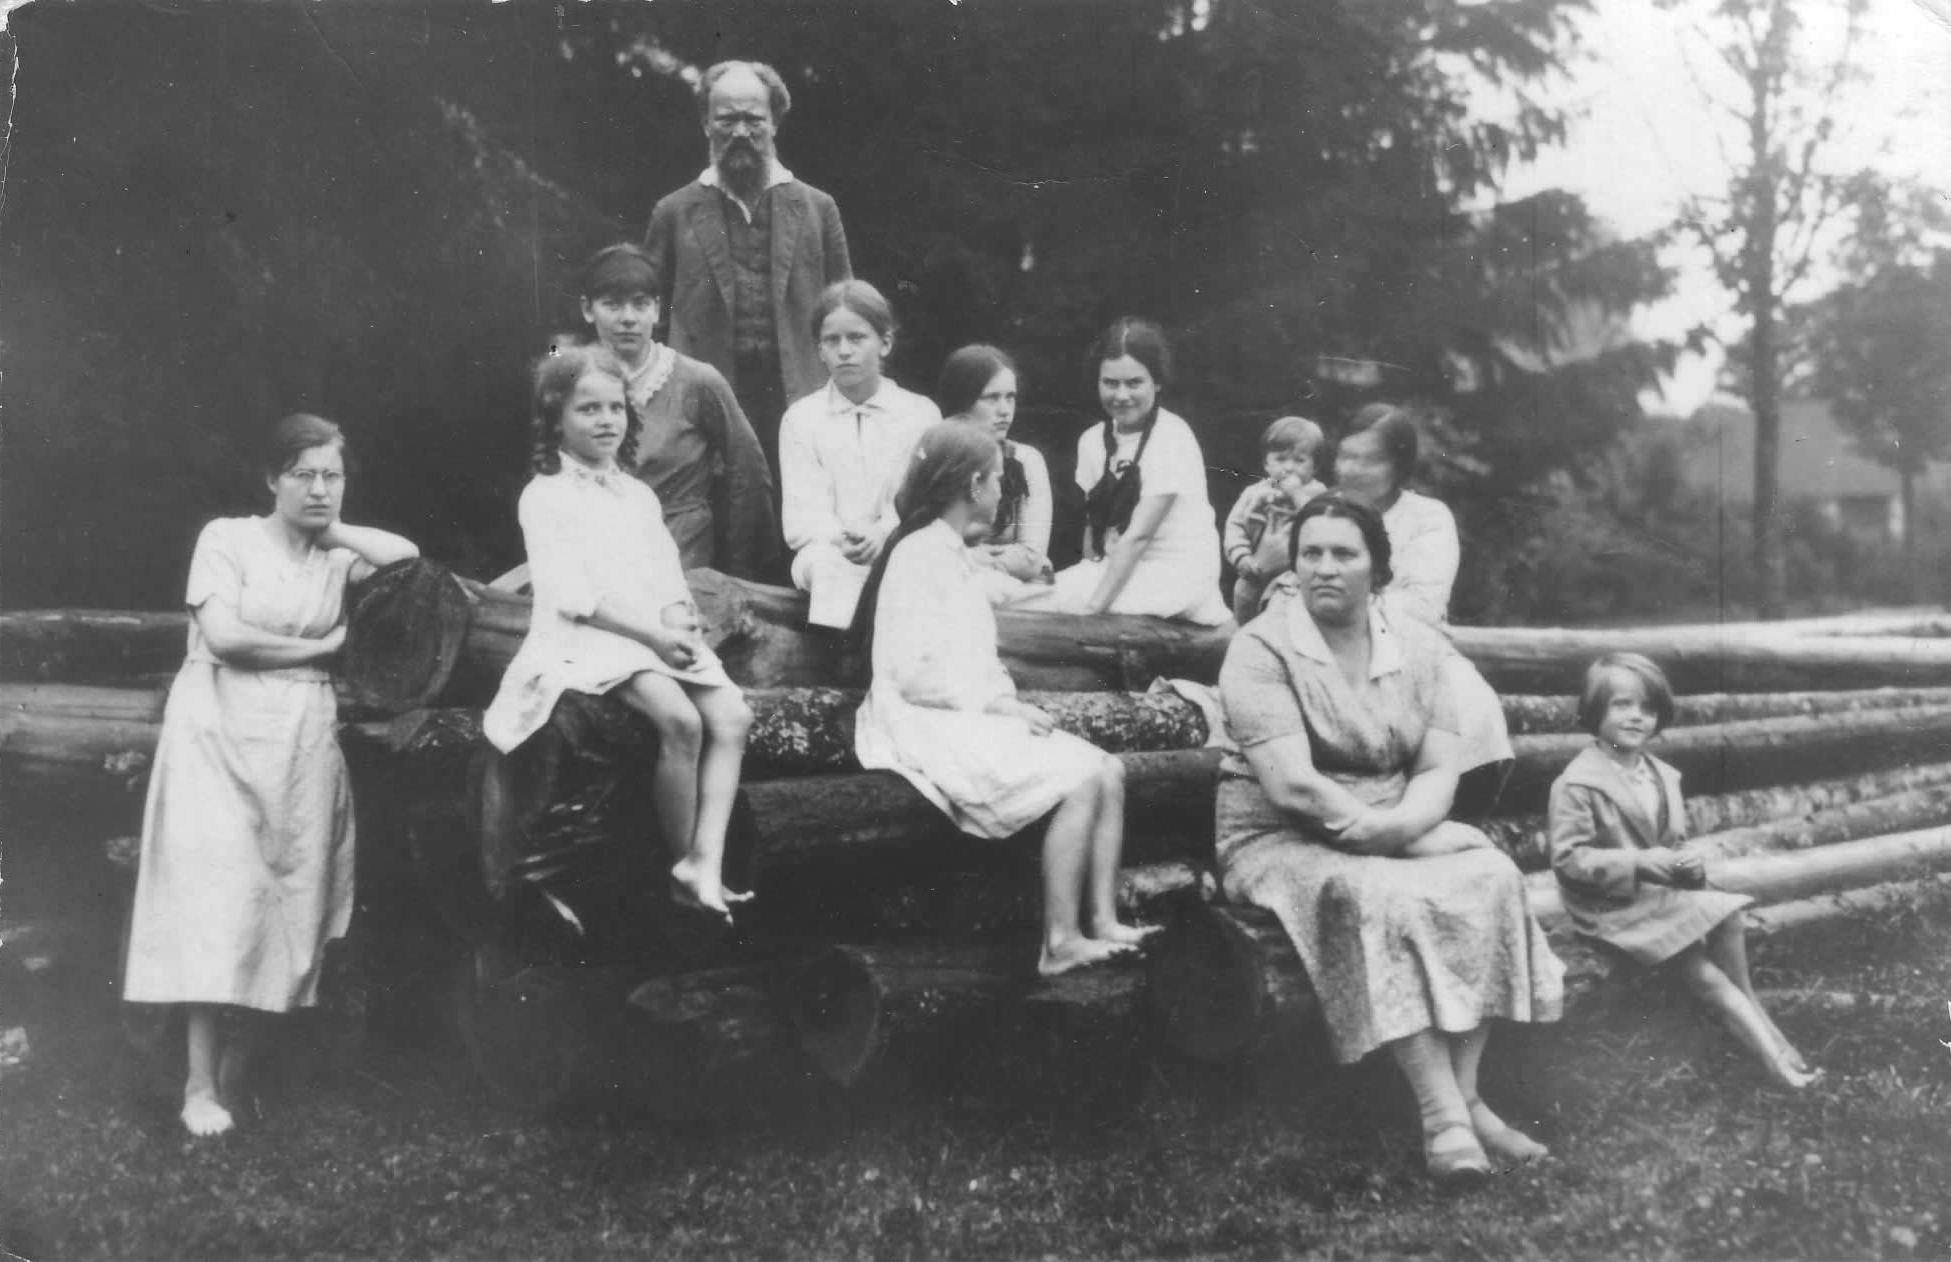 Gausi Emilijos ir Stasio Šilingų šeima. Misiūnai, apie 1931 m. | S. Šilingo draugijos archyvo nuotr.